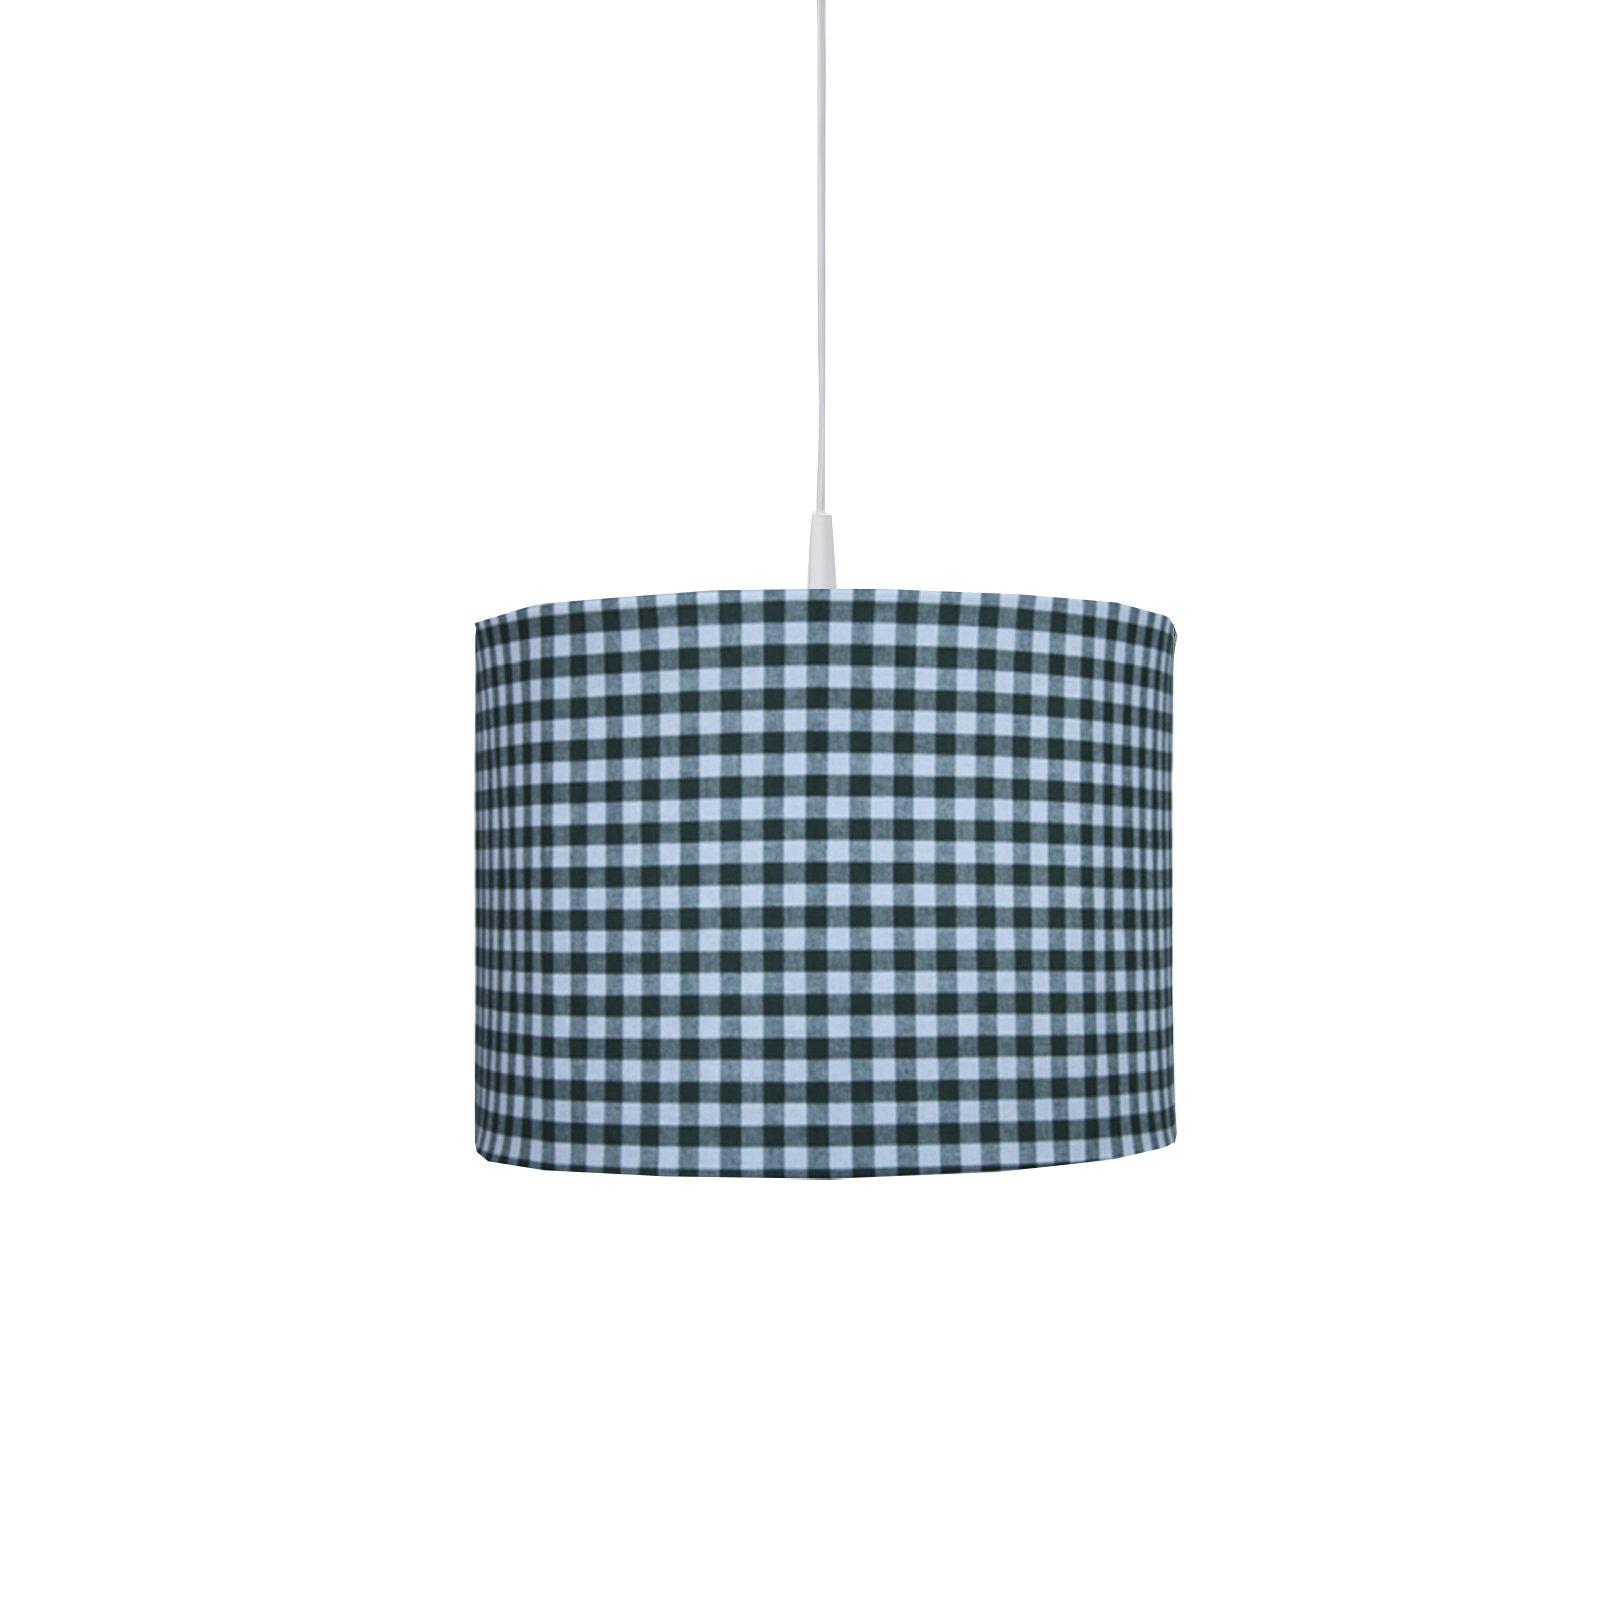 ronde hanglamp met groen BB ruit